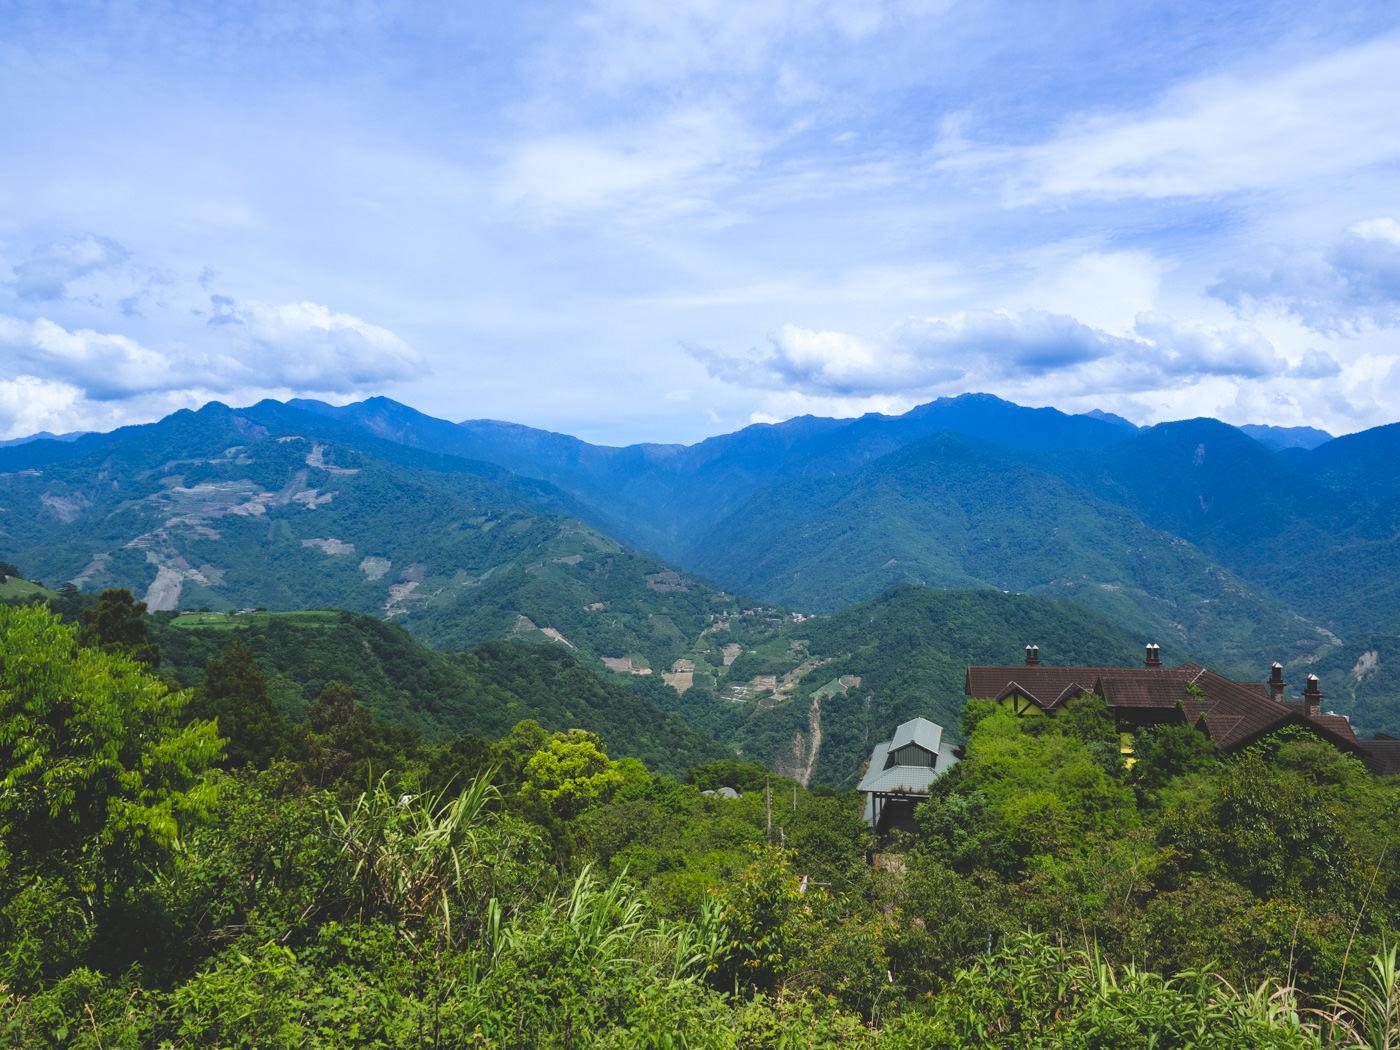 Taiwan - Qingjing - Overview